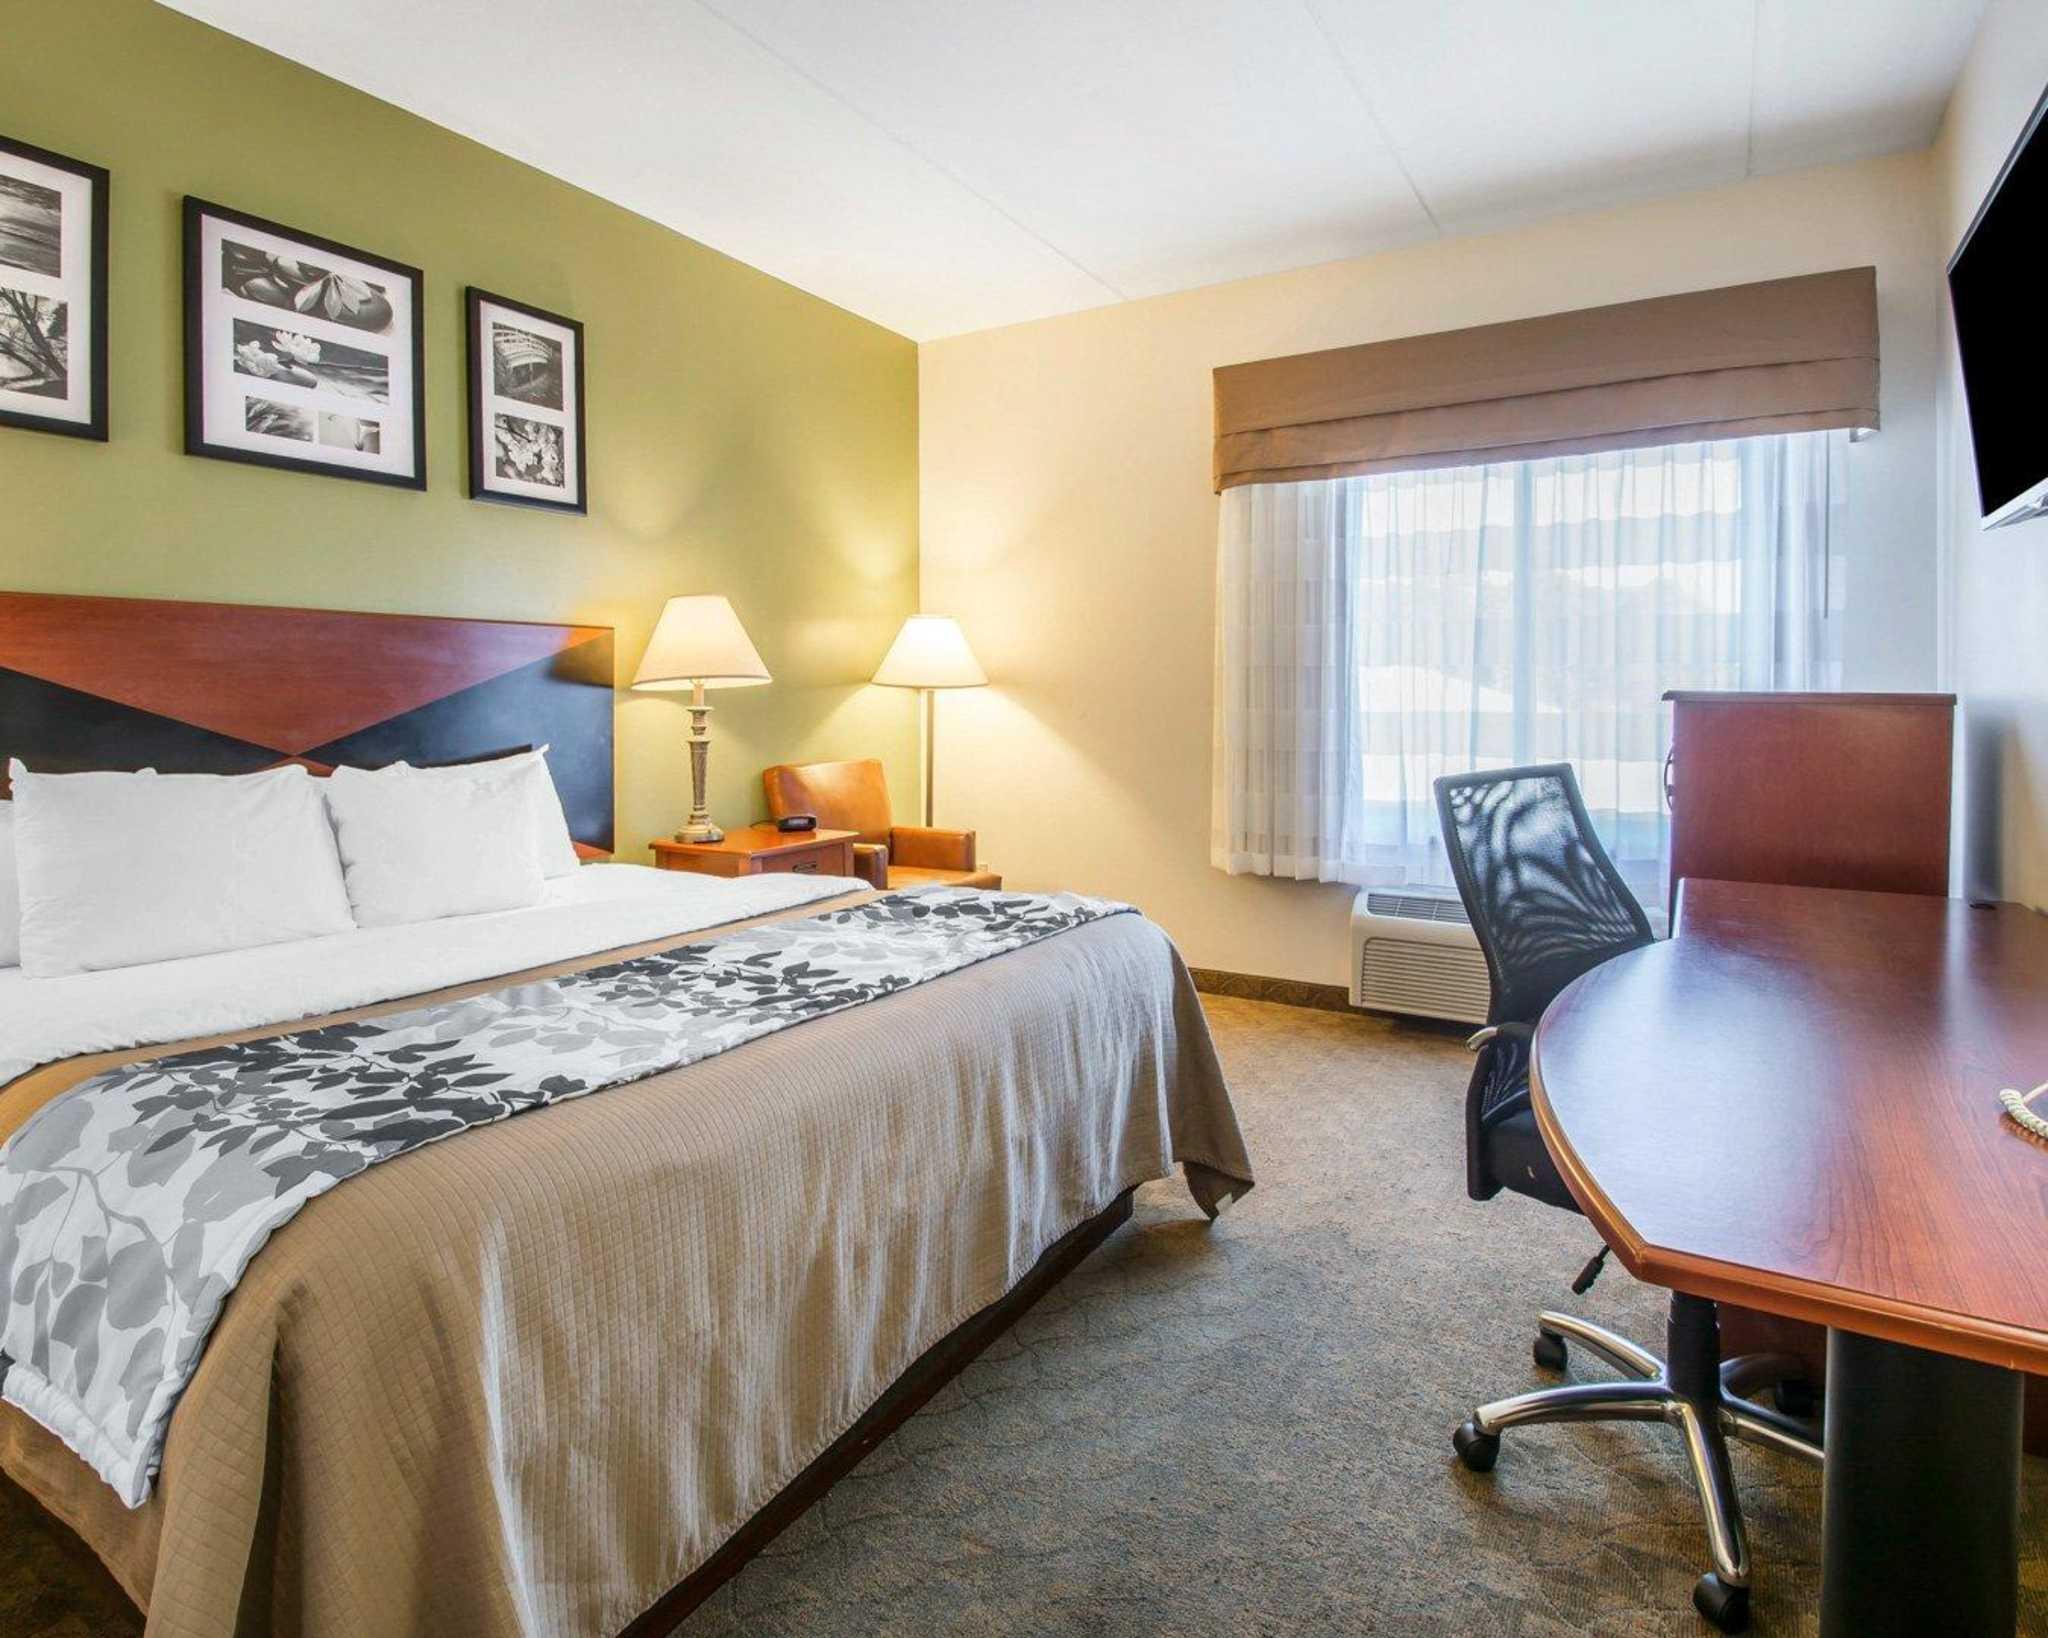 Sleep Inn & Suites image 3